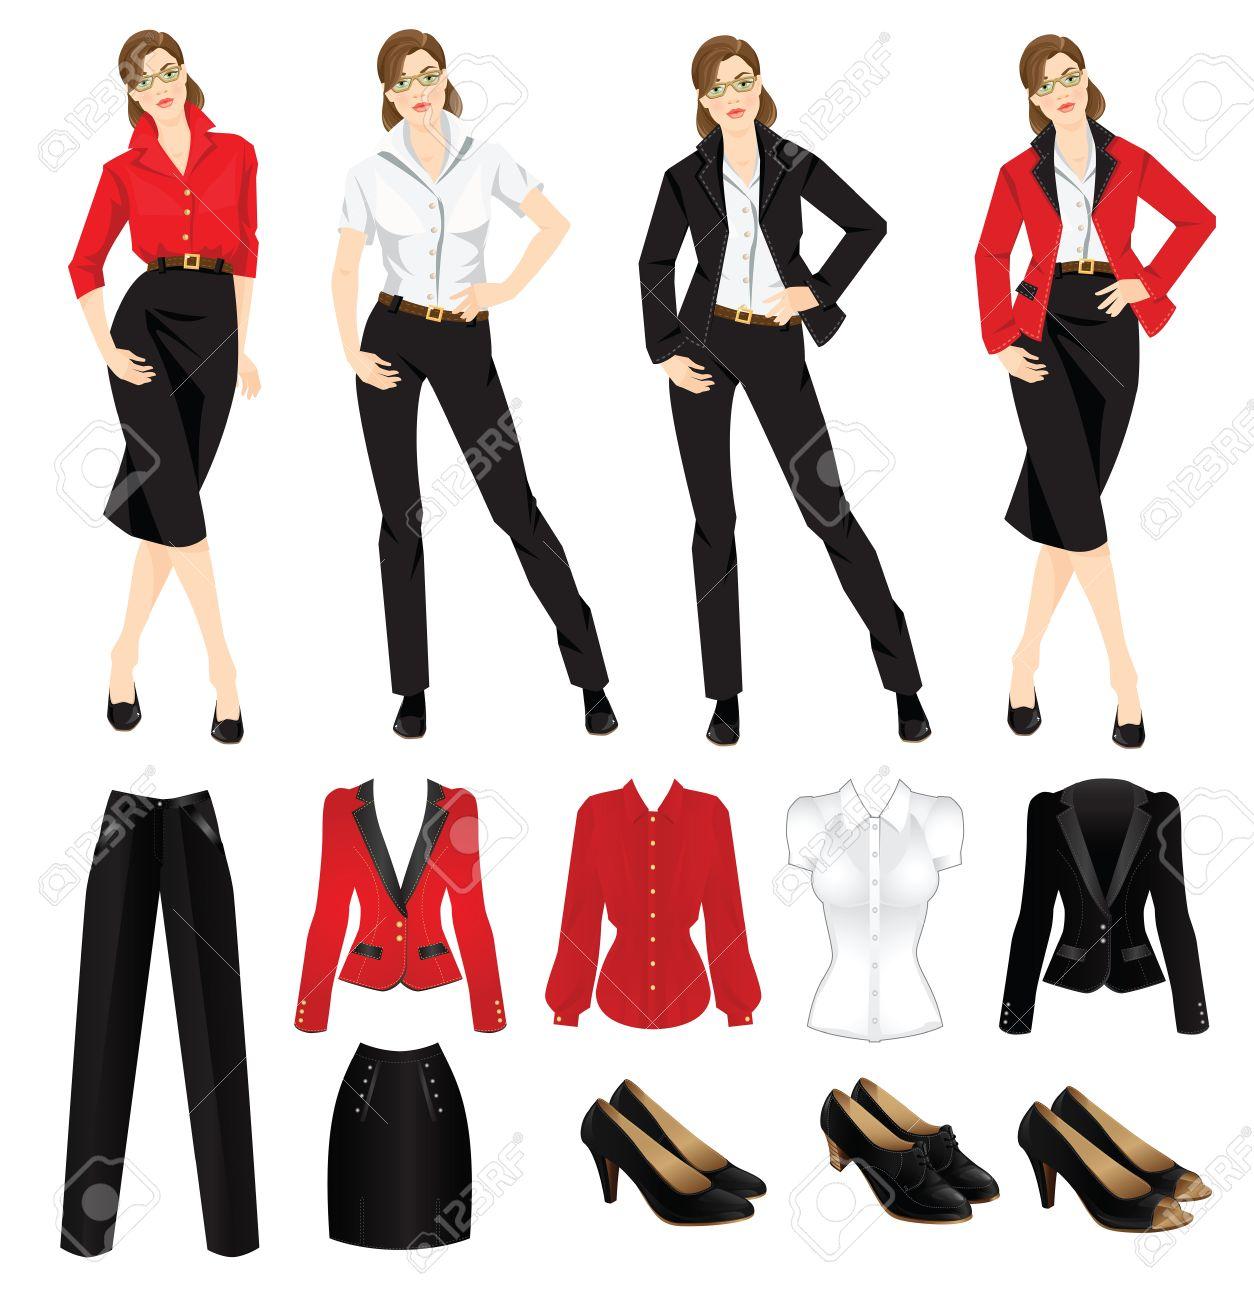 Ilustración del vector de código de vestimenta corporativa. zapatos negros oficiales. Ropa para mujeres. Mujer de negocios o profesor en traje formal